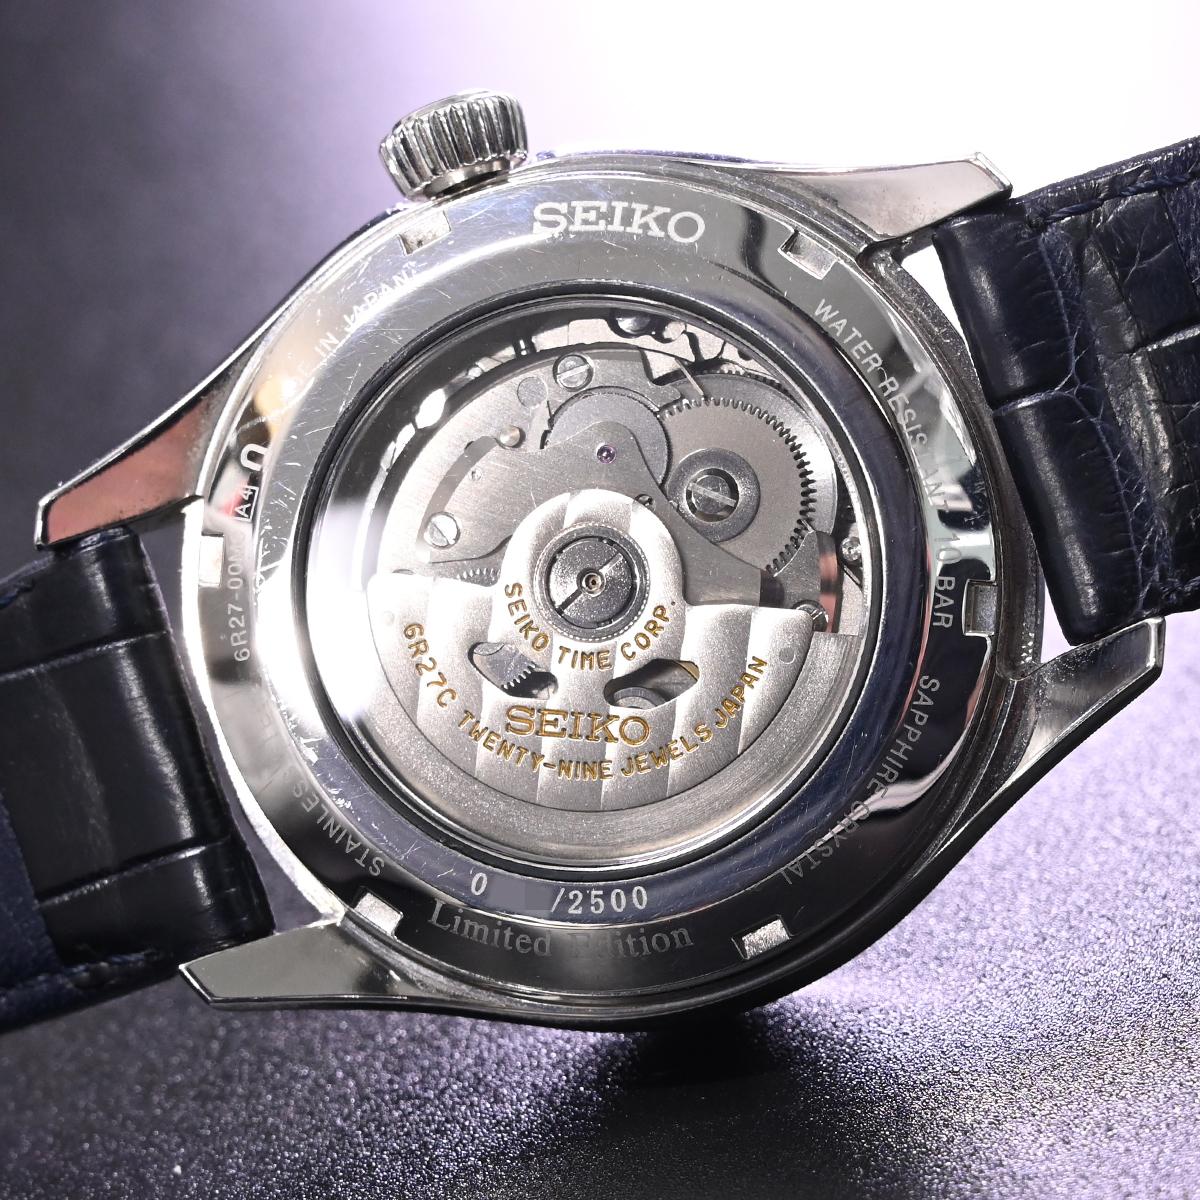 本物 美品 セイコー 限定品 SARW039 エナメル七宝文字盤 メカニカル プレサージュ メンズウォッチ 男性用自動巻腕時計 保証書 取説付 SEIKO_画像8